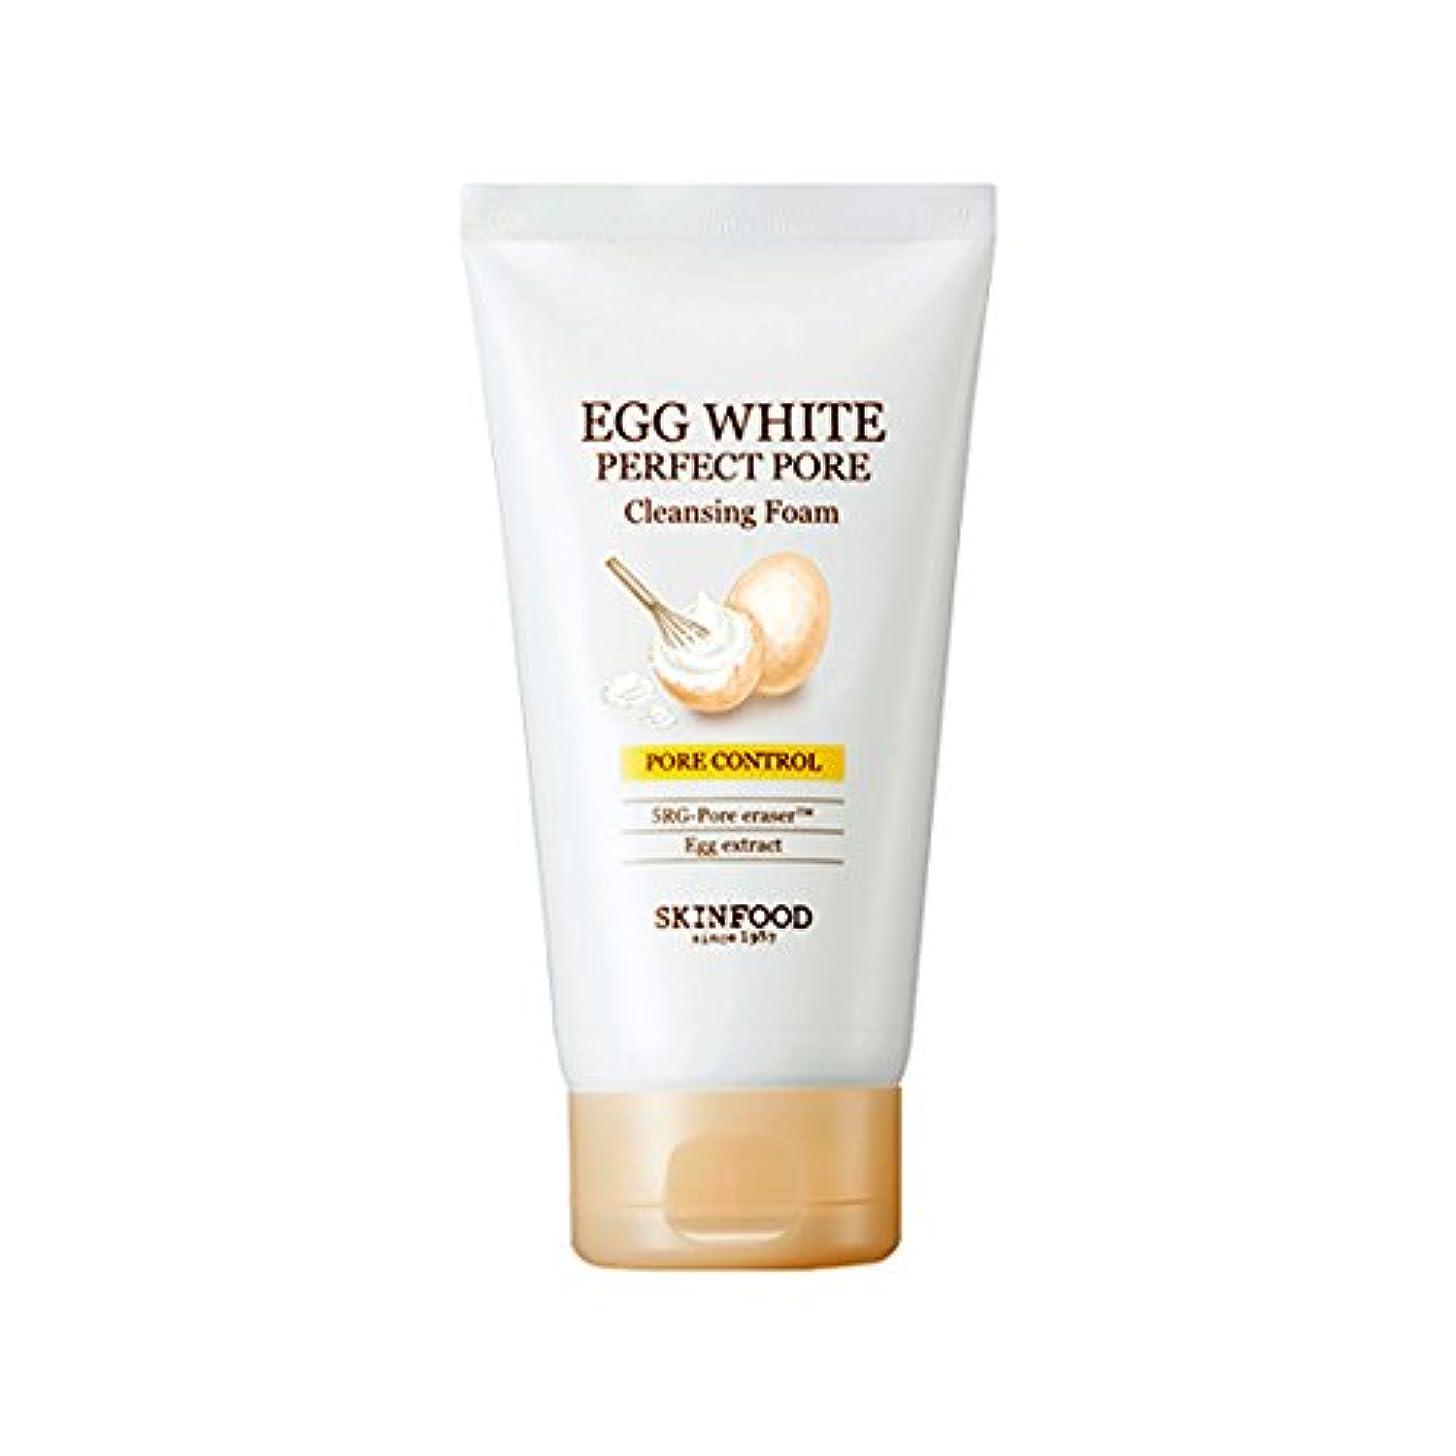 ペースダウンサーバ[2017 New] SKINFOOD Egg White Perfect Pore Cleansing Foam 150ml/スキンフード エッグ ホワイト パーフェクト ポア クレンジング フォーム 150ml [並行輸入品]